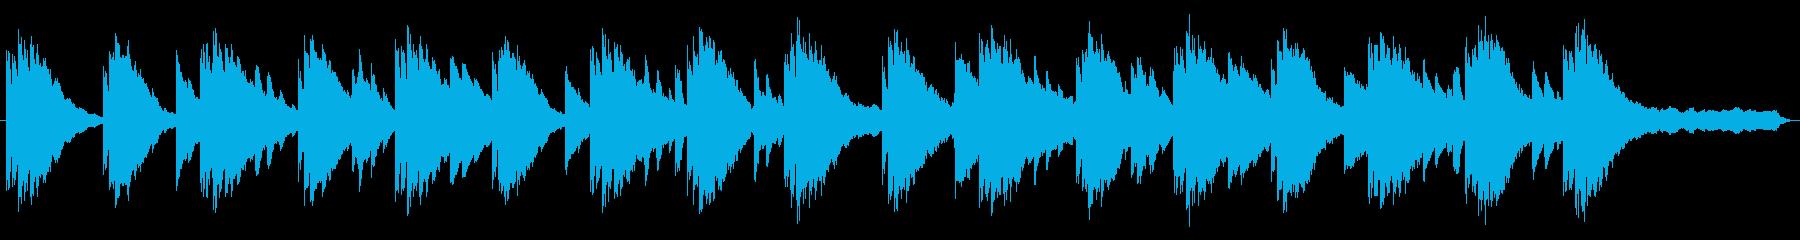 エレピ、ゆったりした神秘的な雰囲気の再生済みの波形